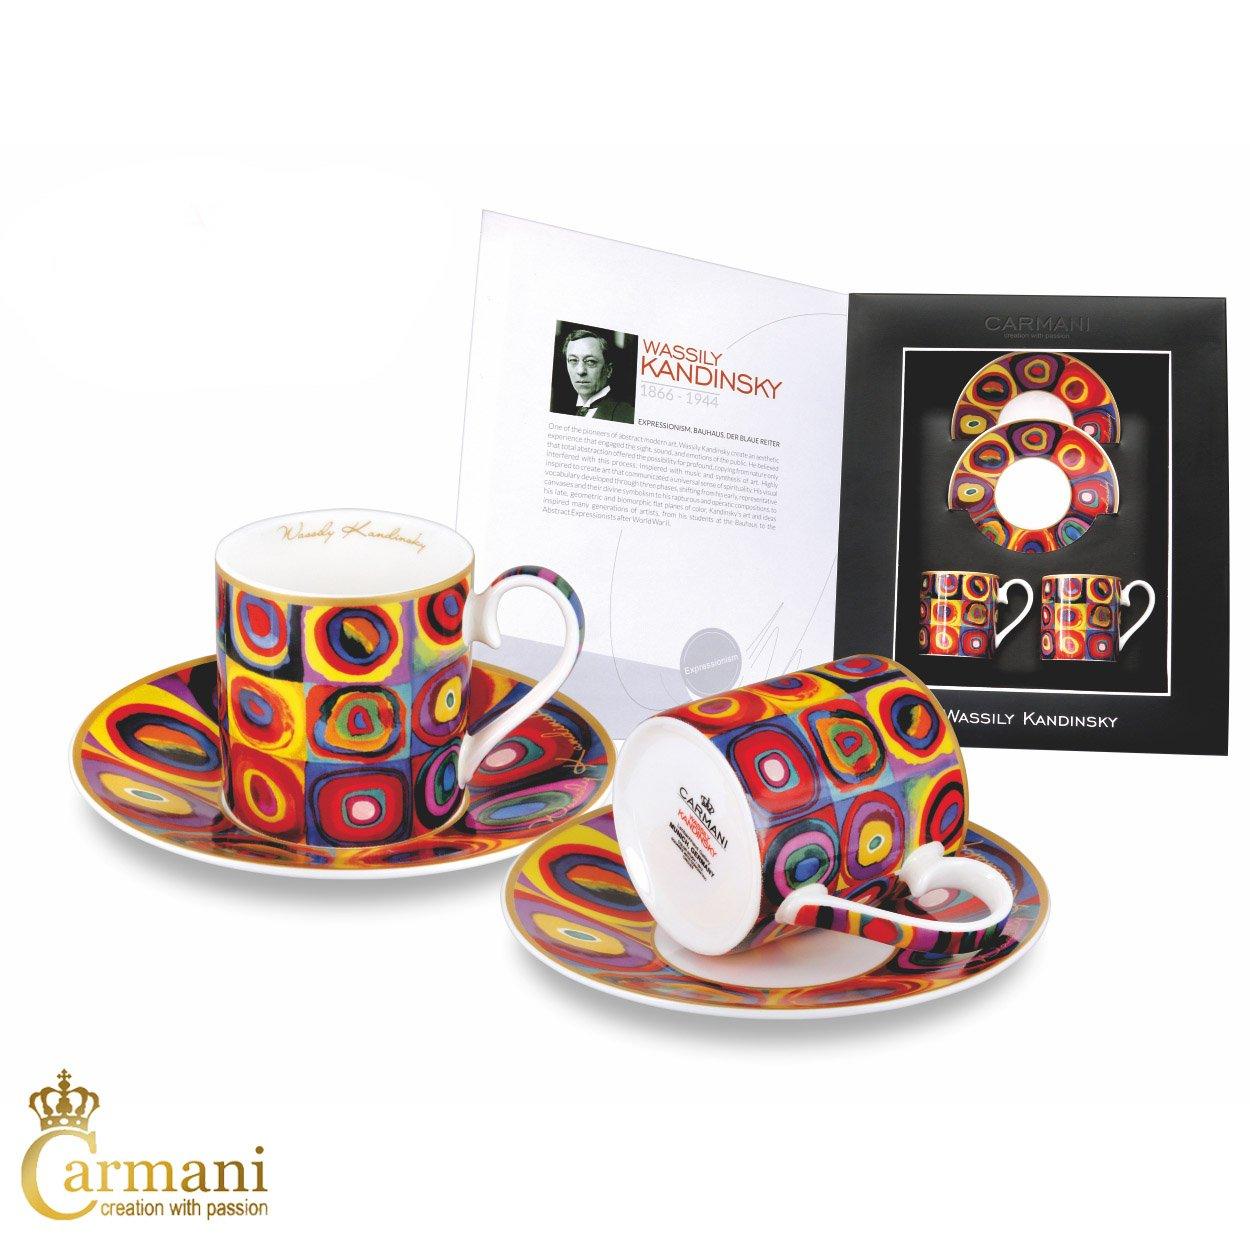 CARMANI - 2-pieces Espresso Set with Wassily Kandinsky